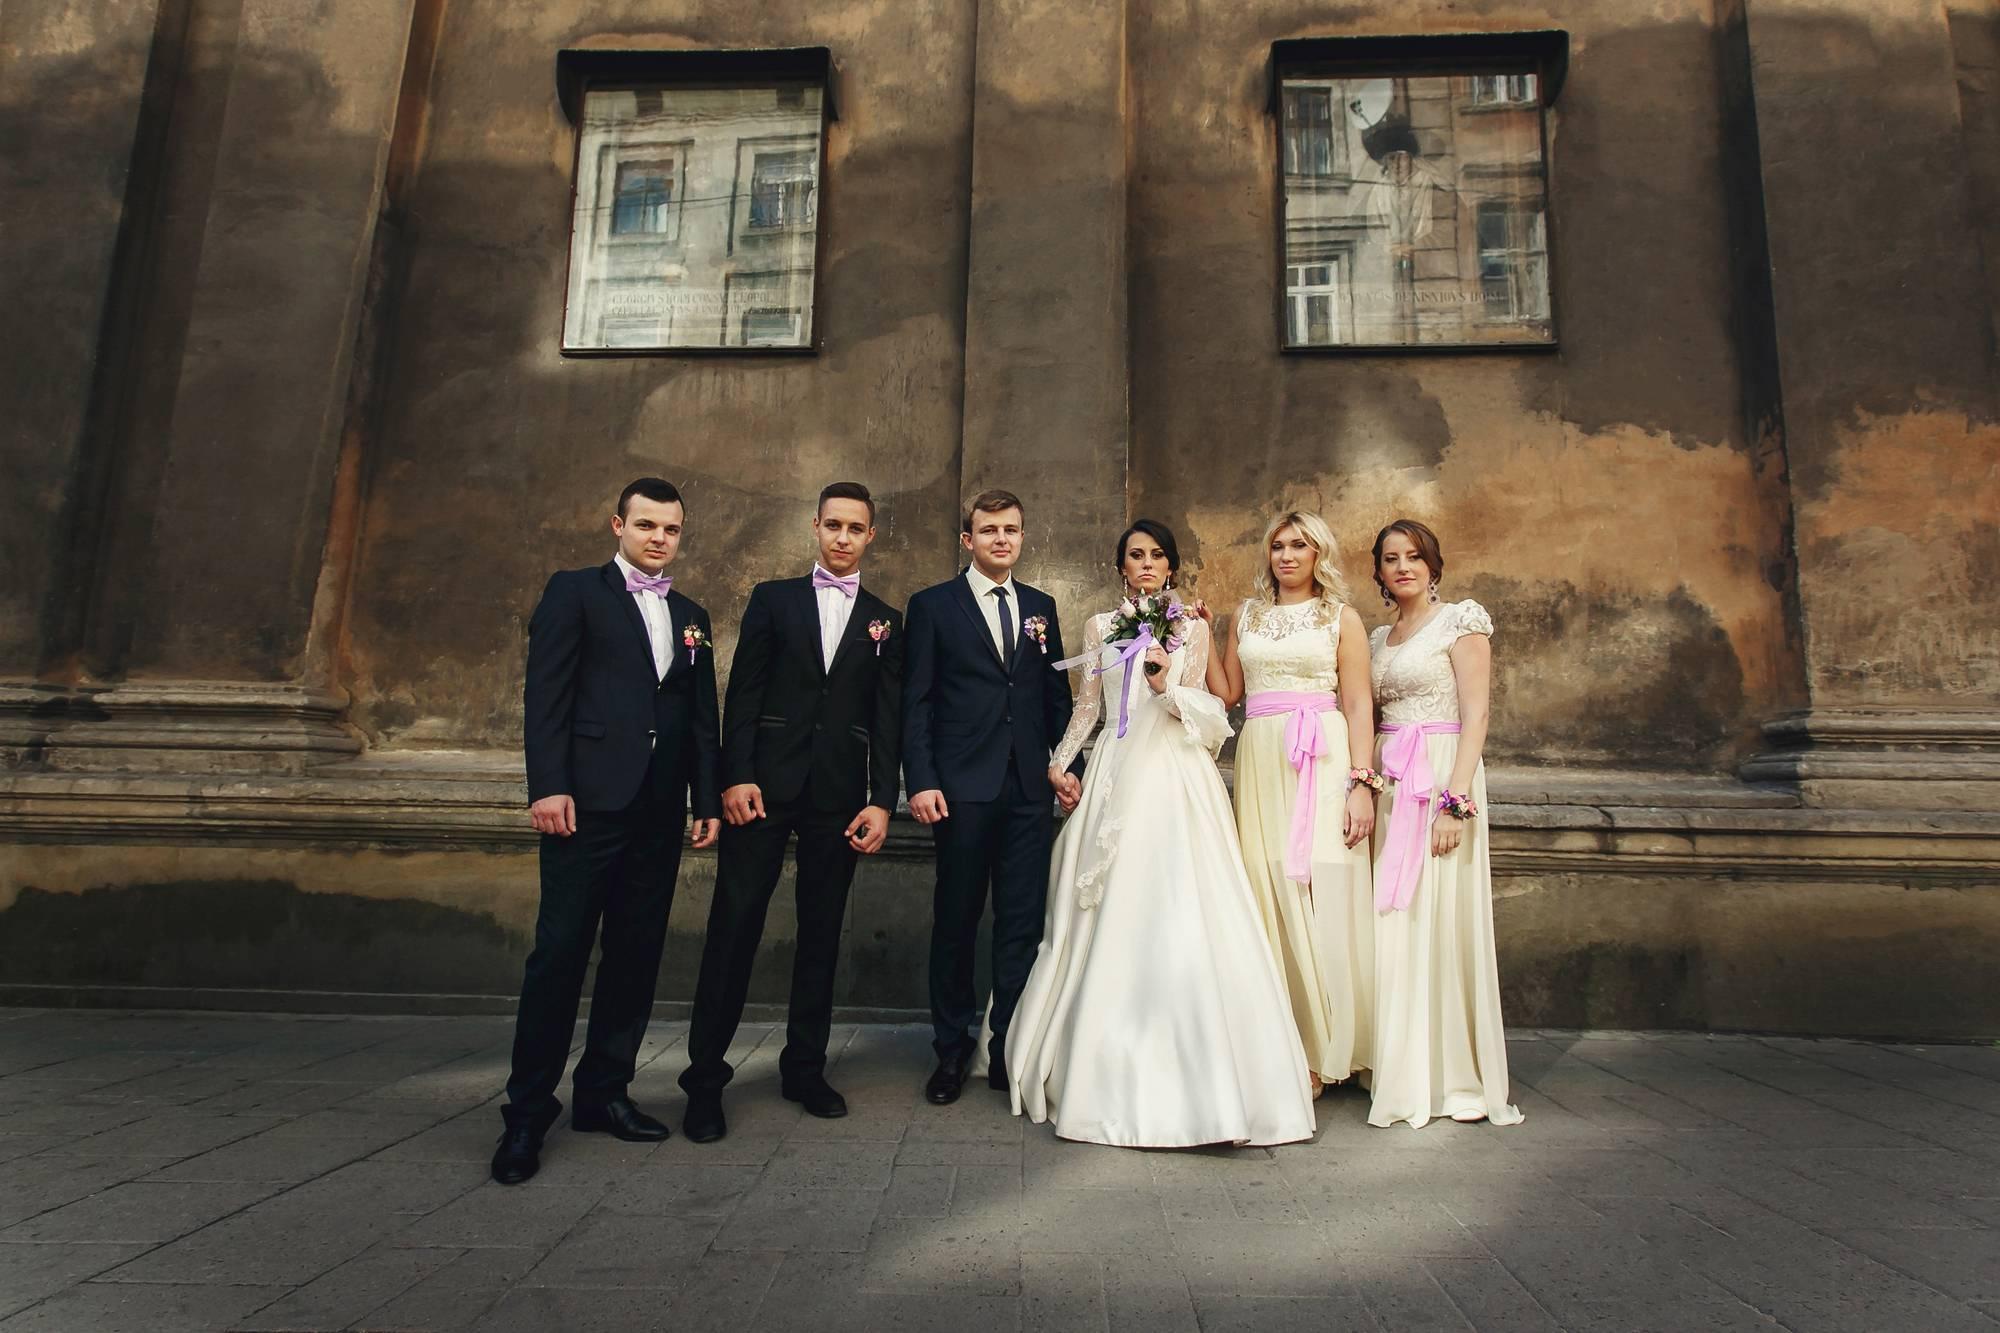 Нужны ли свидетели на свадьбе в загсе, фото и видео